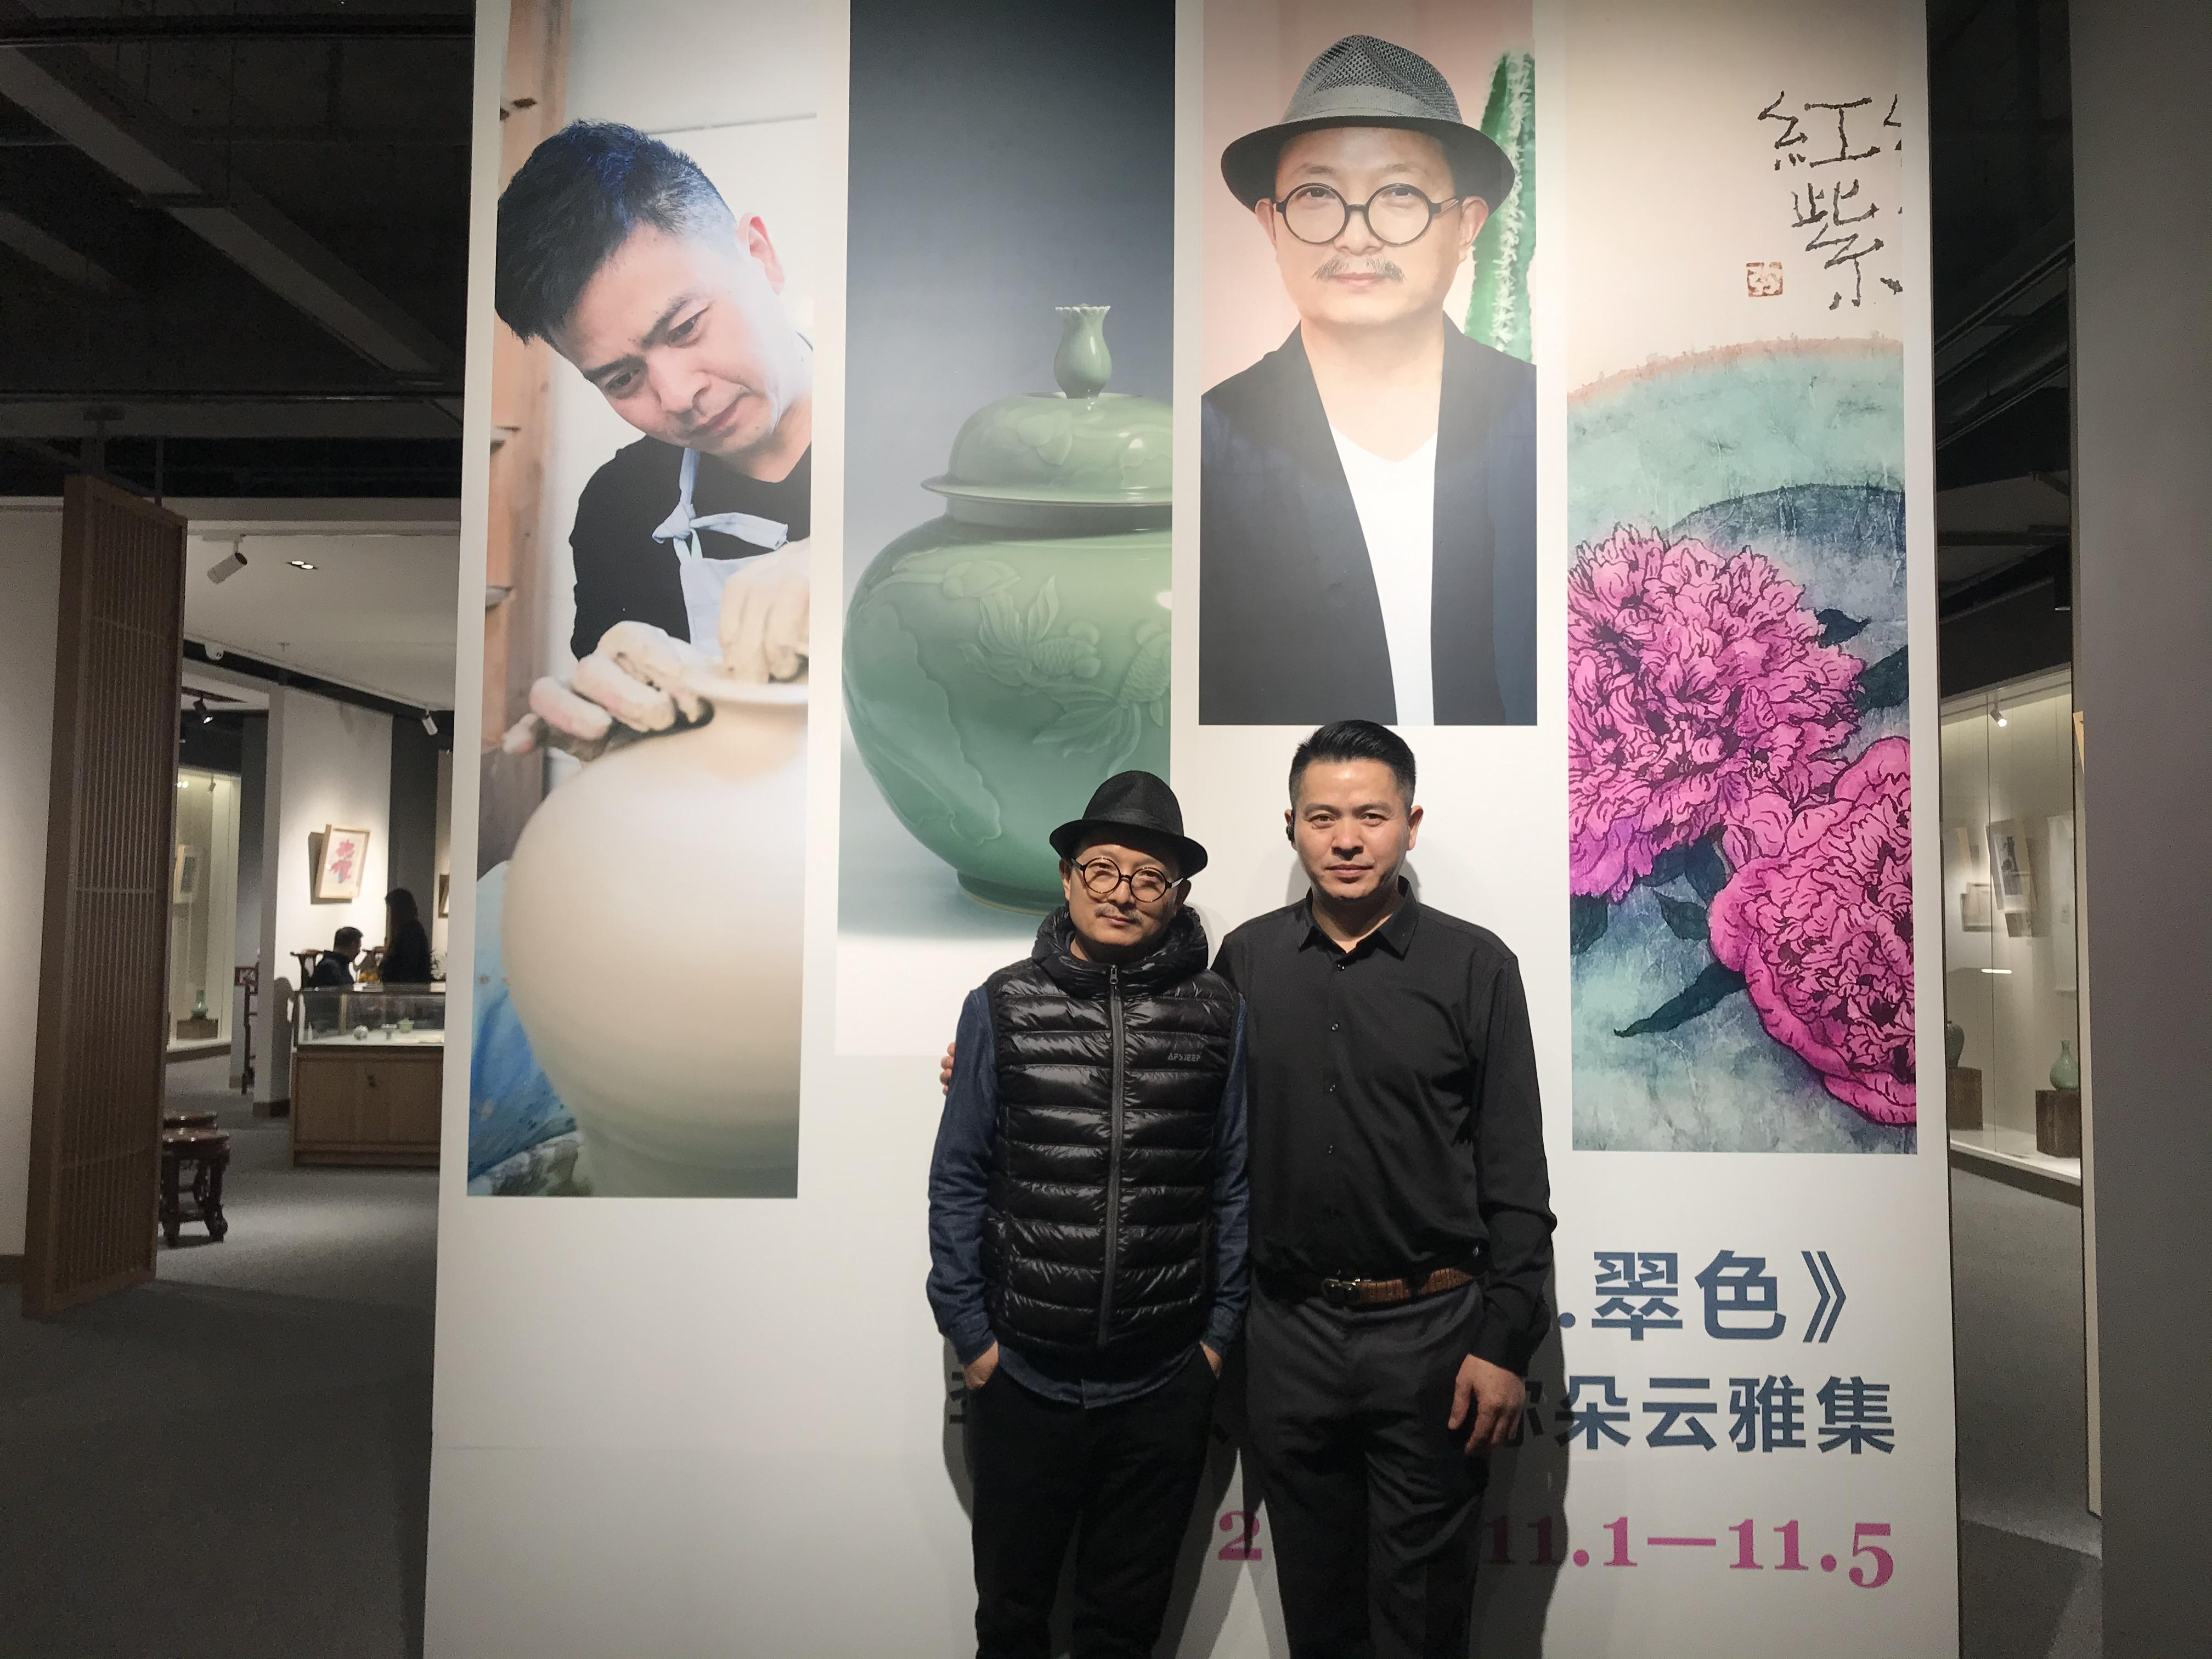 艺术从来都是独一无二的,《窑火・翠色》展在上海朵云轩开幕